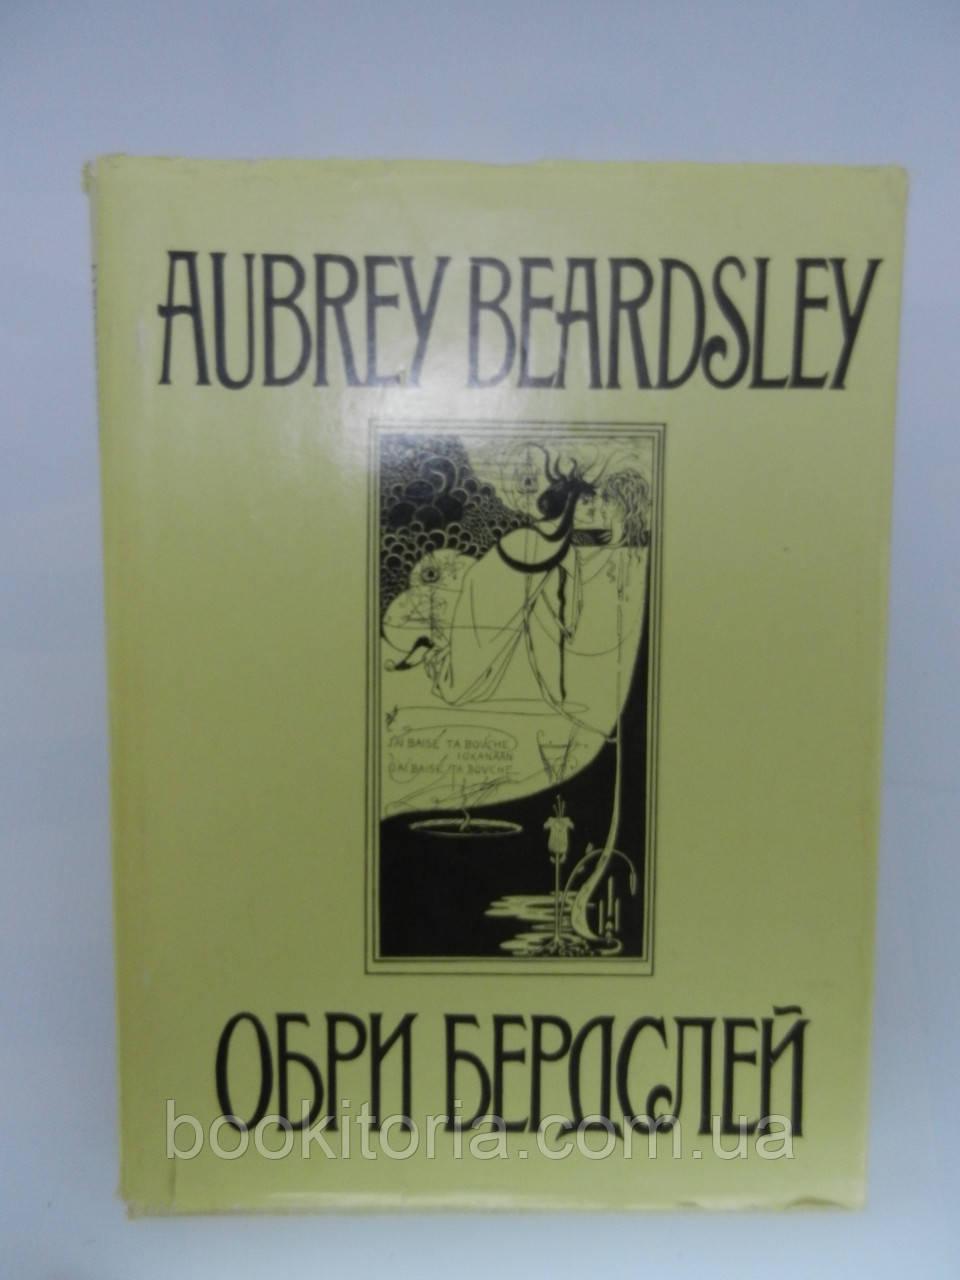 Обри Бердслей. 66 избранных рисунков. (Aubrey Beardsley) (б/у).